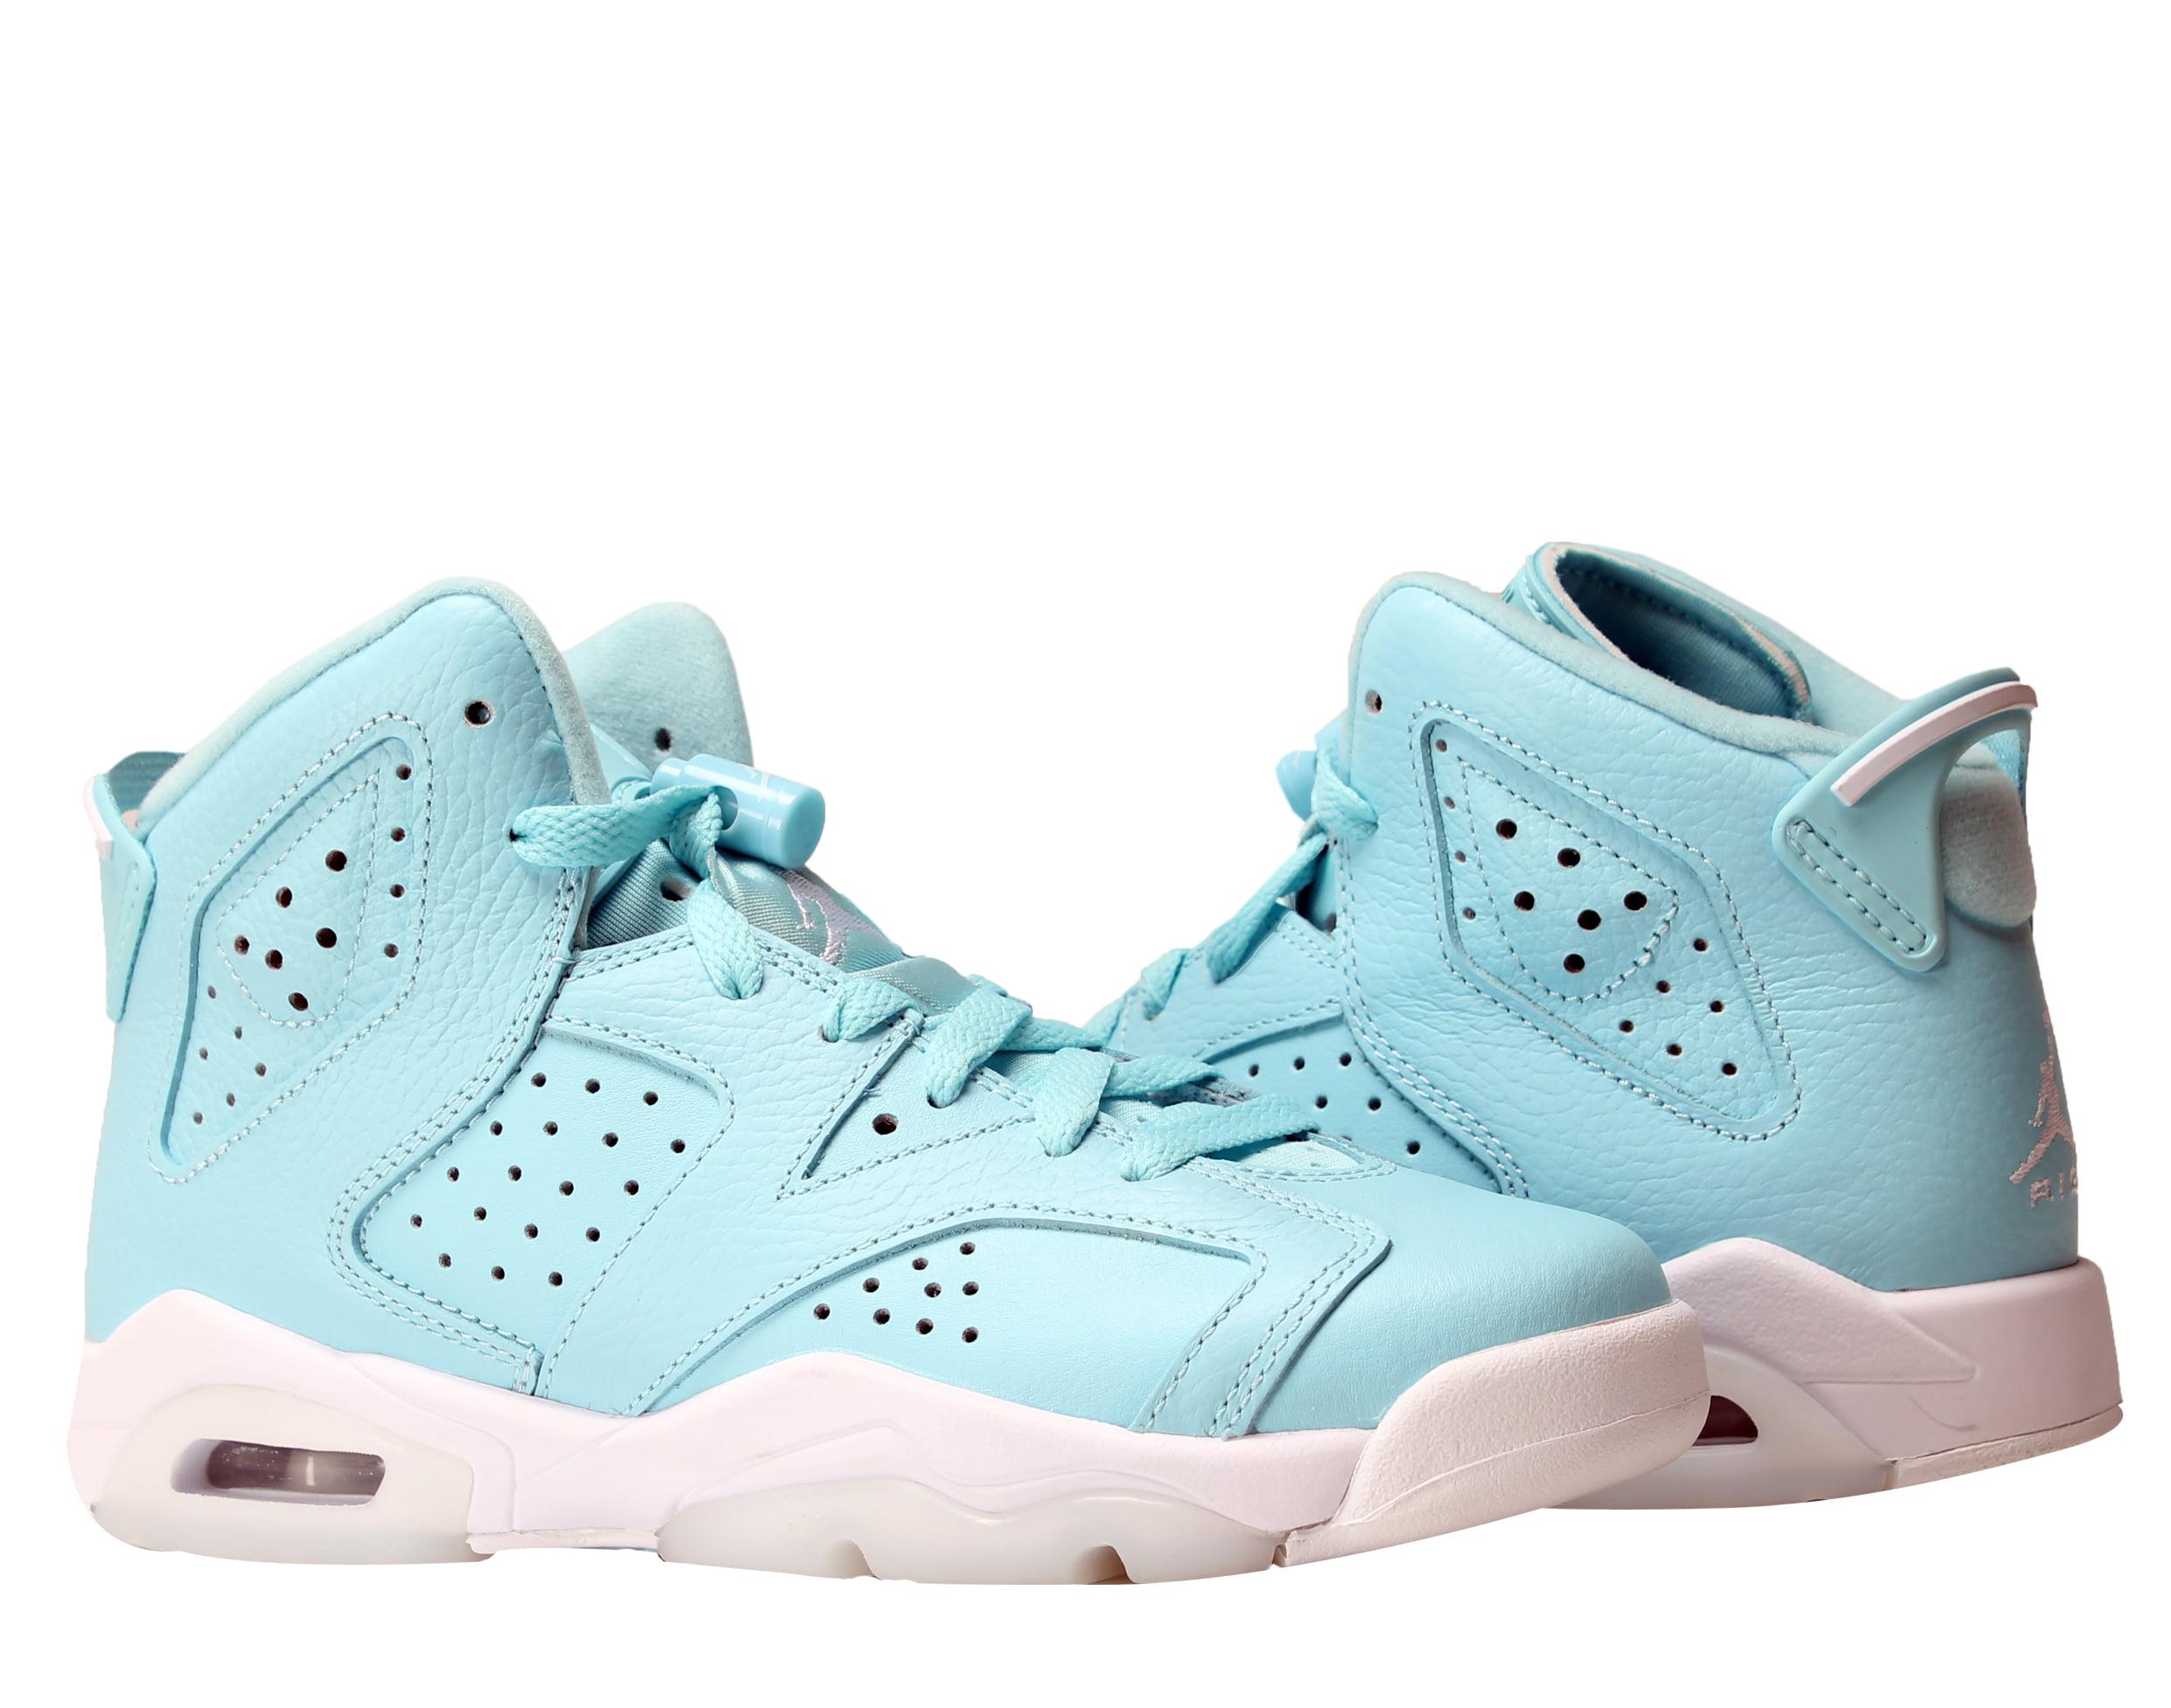 Nike Air Jordan 6 Retro GG VI Pantone